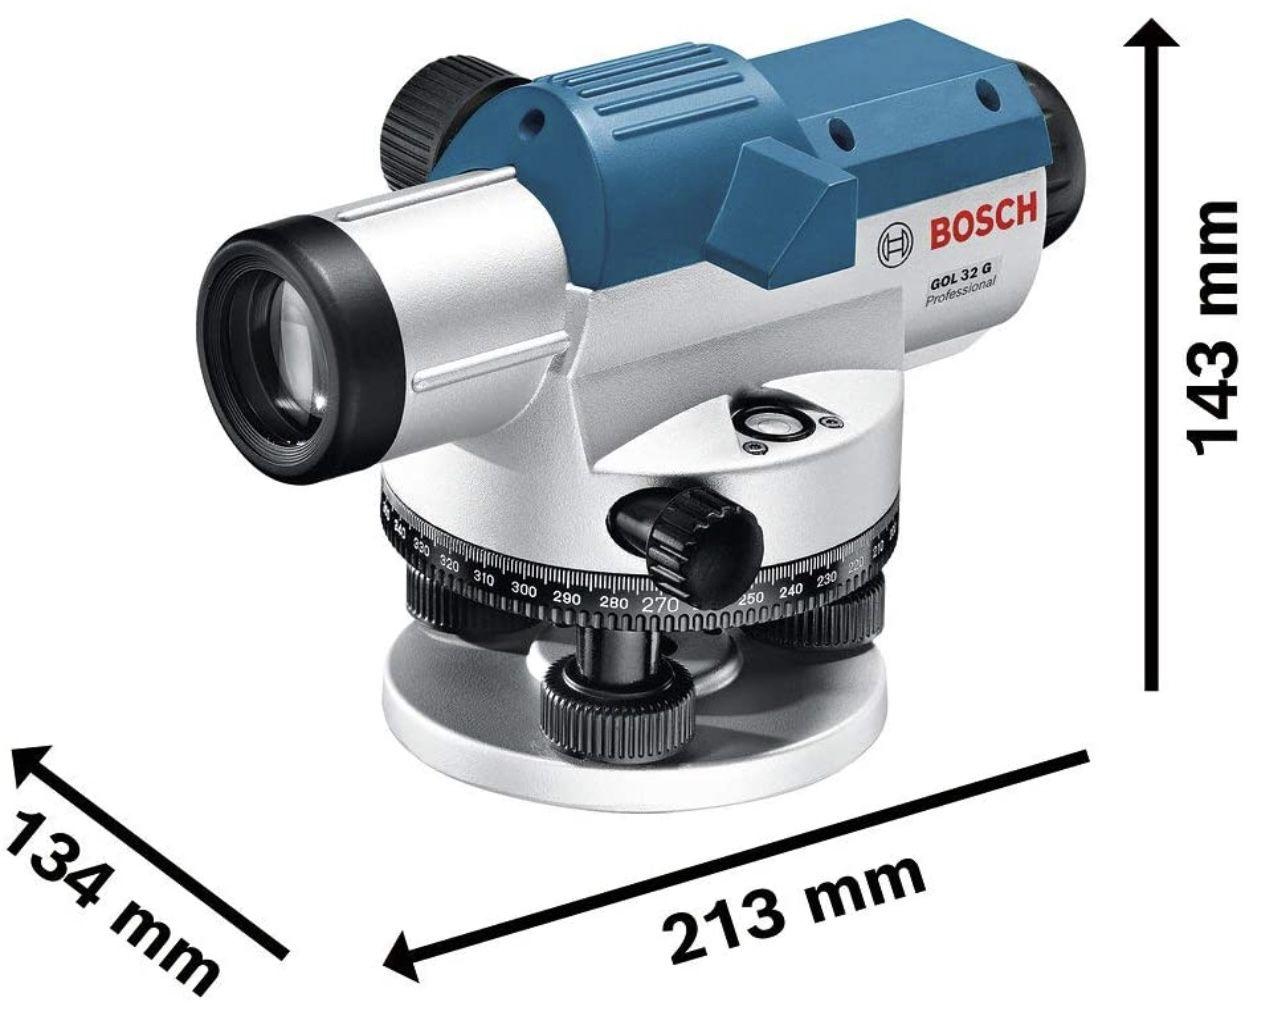 Bosch Professional GOL 32 G Optisches Nivelliergerät mit bis zu 120m Arbeitsbereich inkl. Koffer für 137,99€ (statt 164€)